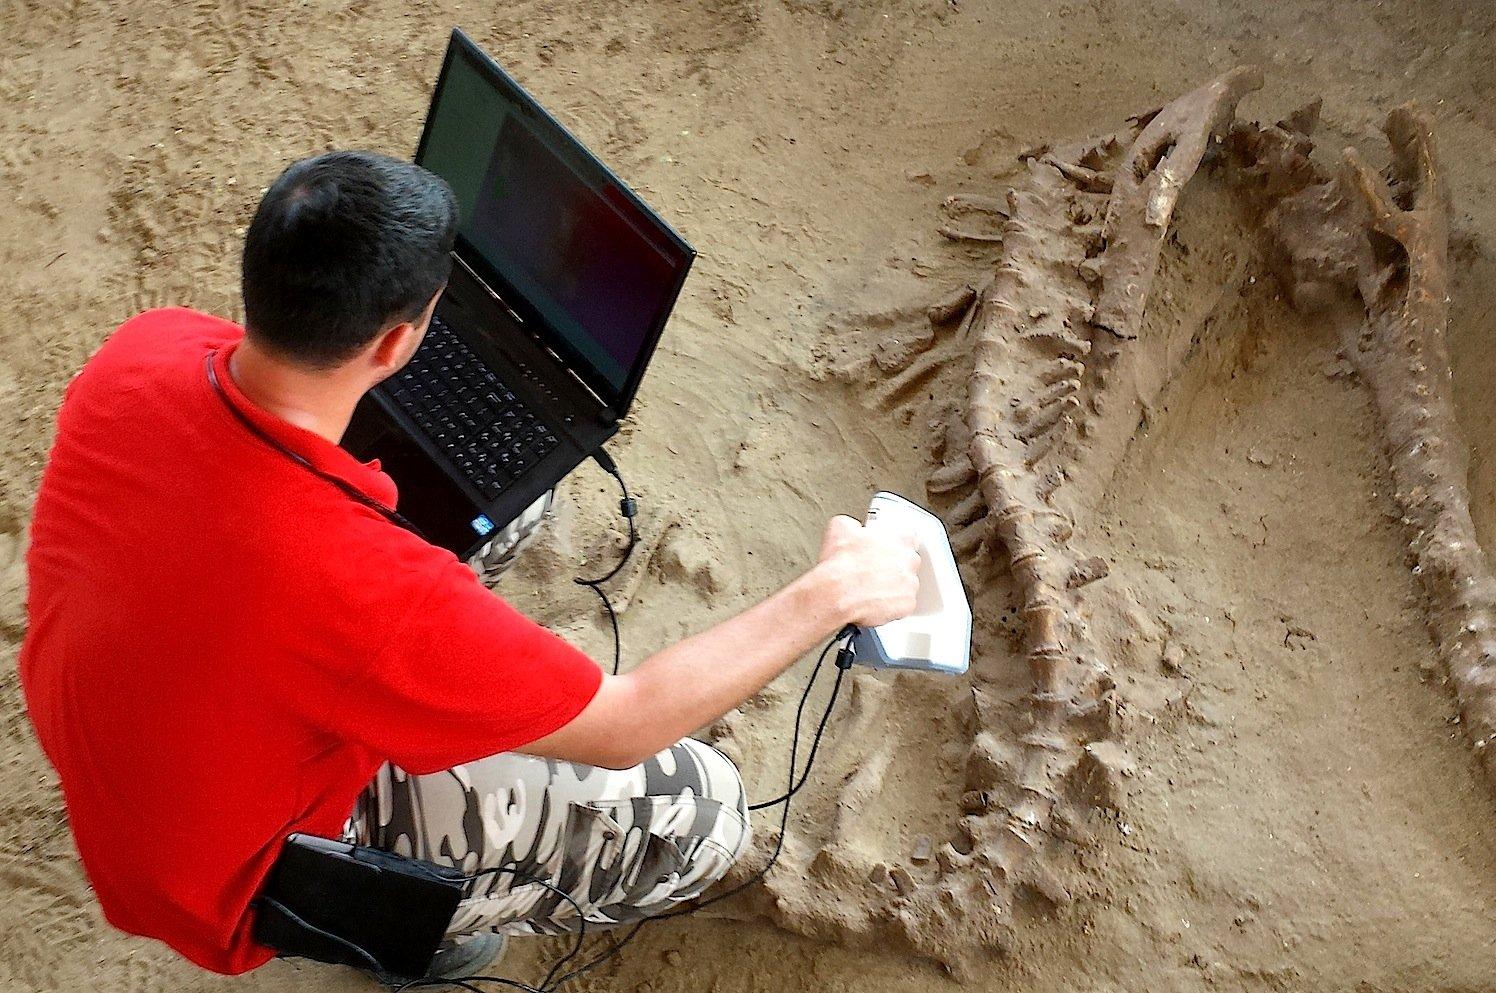 Die Handscanner sind in etwa so groß wie ein Bügeleisen und lassen sich per Hand am Objekt entlang bewegen. Eine Software berechnet dann ein 3D-Modell.